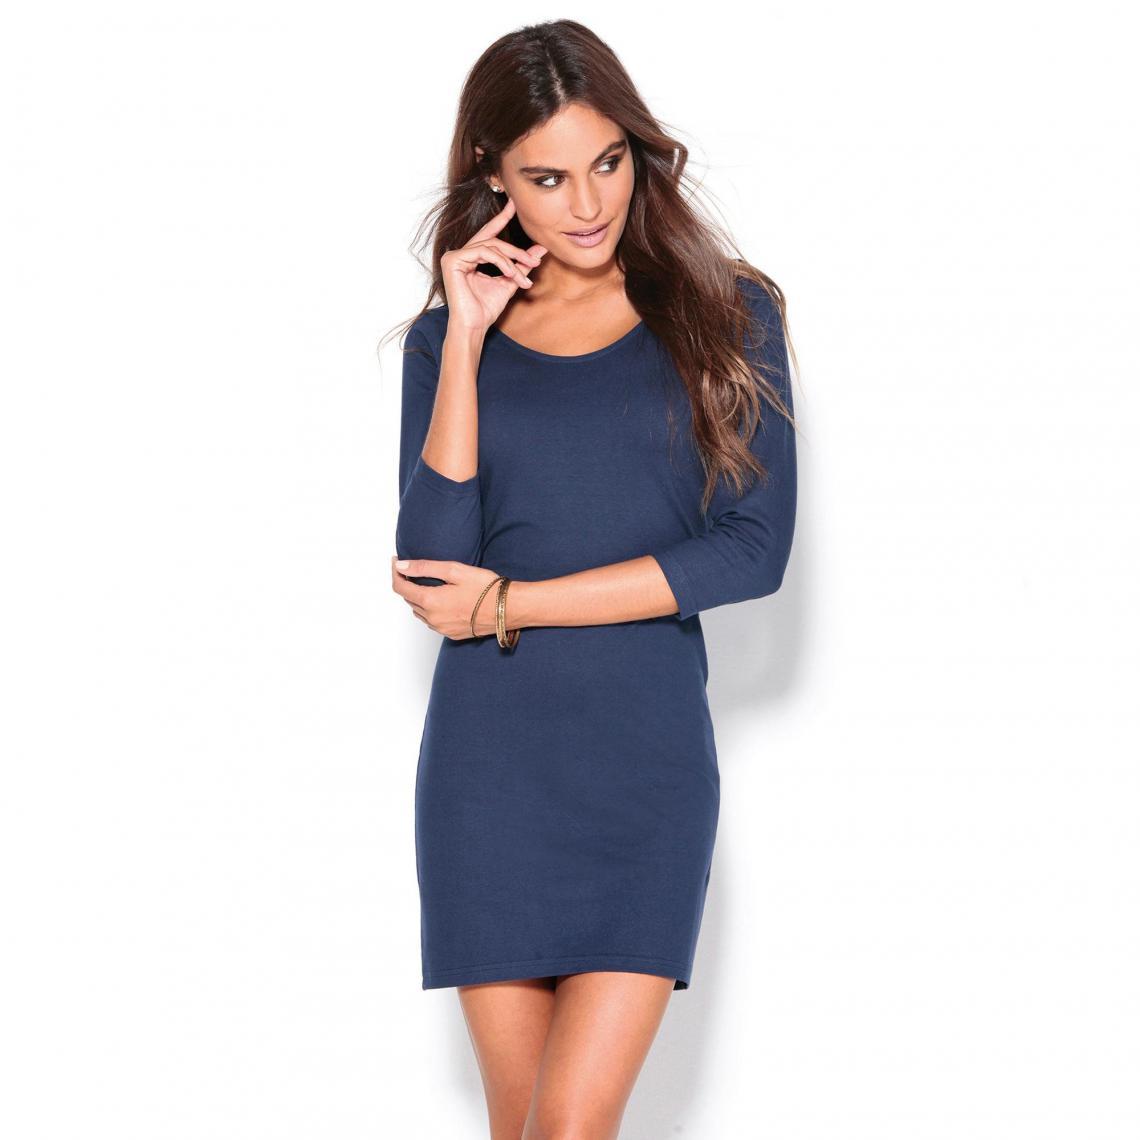 Robe courte manches longues col rond femme Exclusivité 3SUISSES - Bleu  Marine 3 Suisses Femme 234d411b15e8